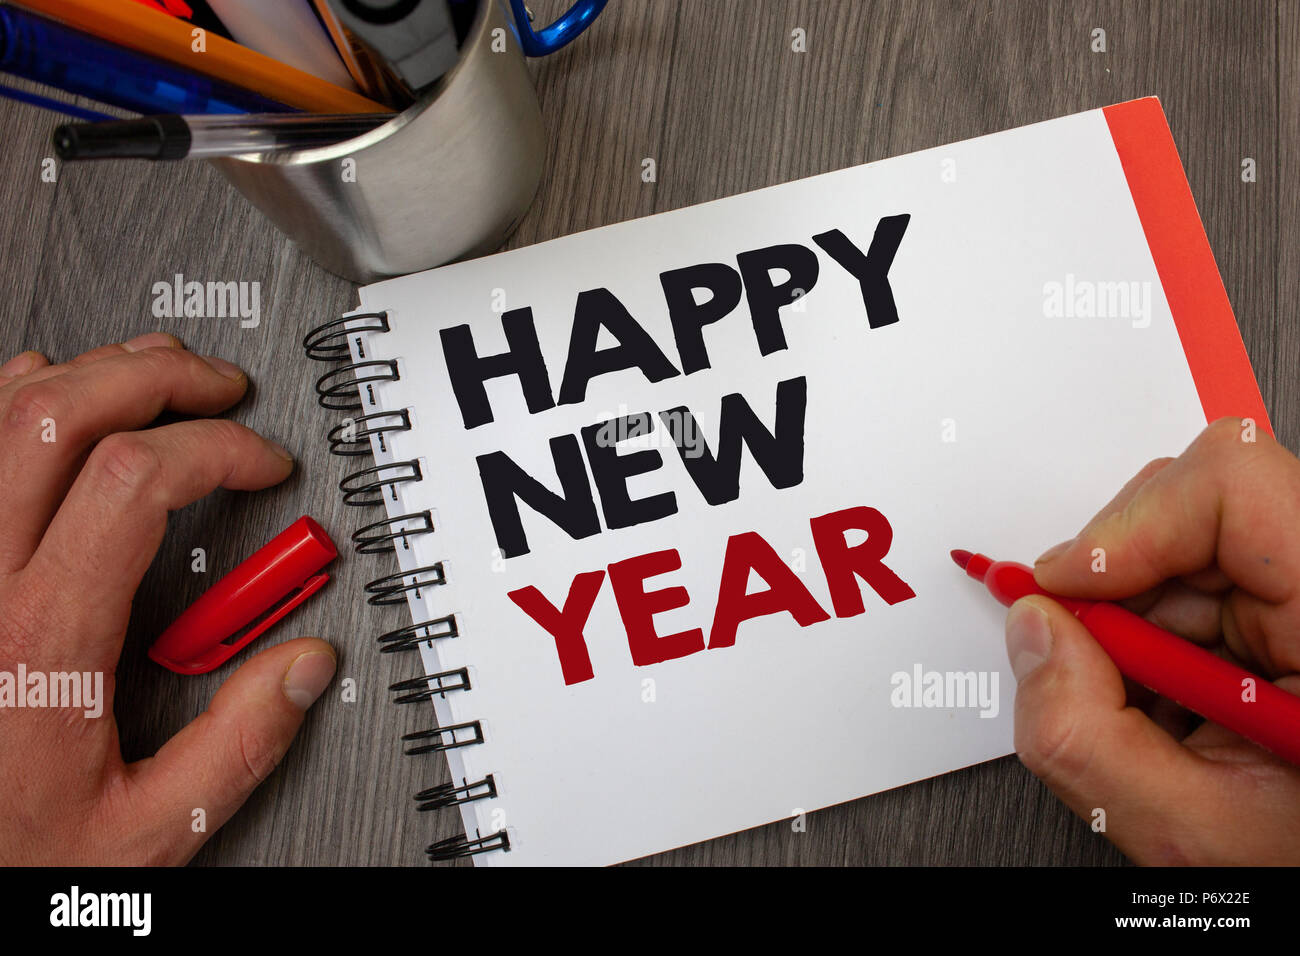 In Diesem Sinne Frohe Weihnachten.Handschrift Text Frohes Neues Jahr Begriff Sinne Herzlichen